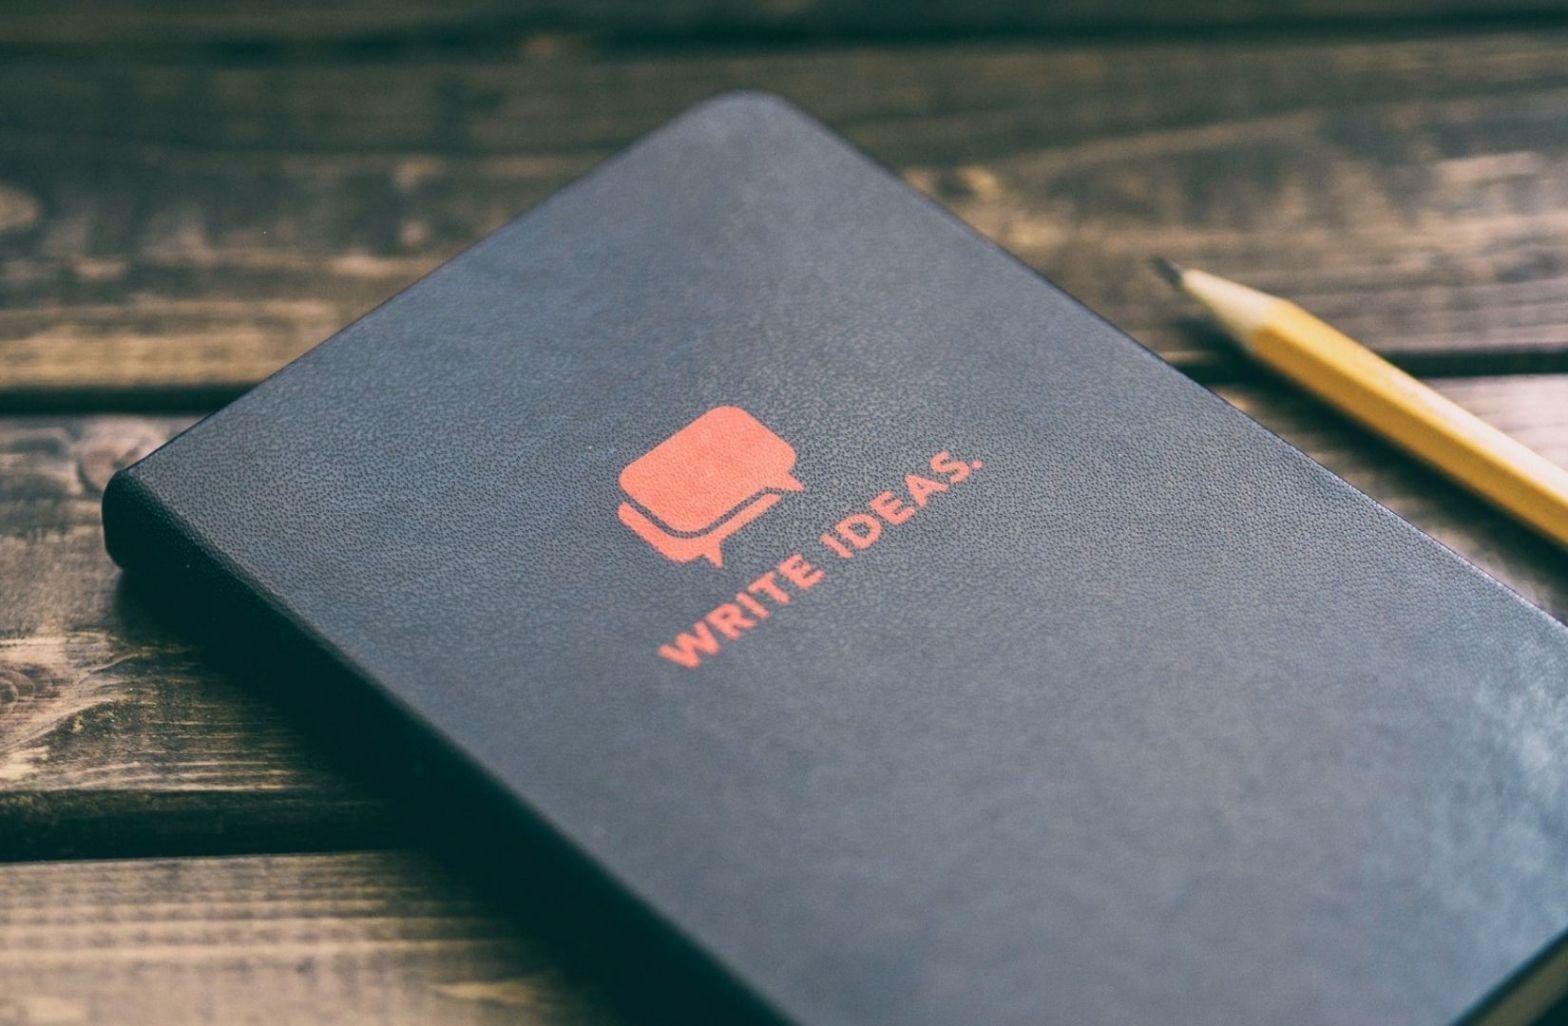 Ordnung in die Ideen bringen durch Notizen. (Foto: Aaron Burden, Unsplash.com)